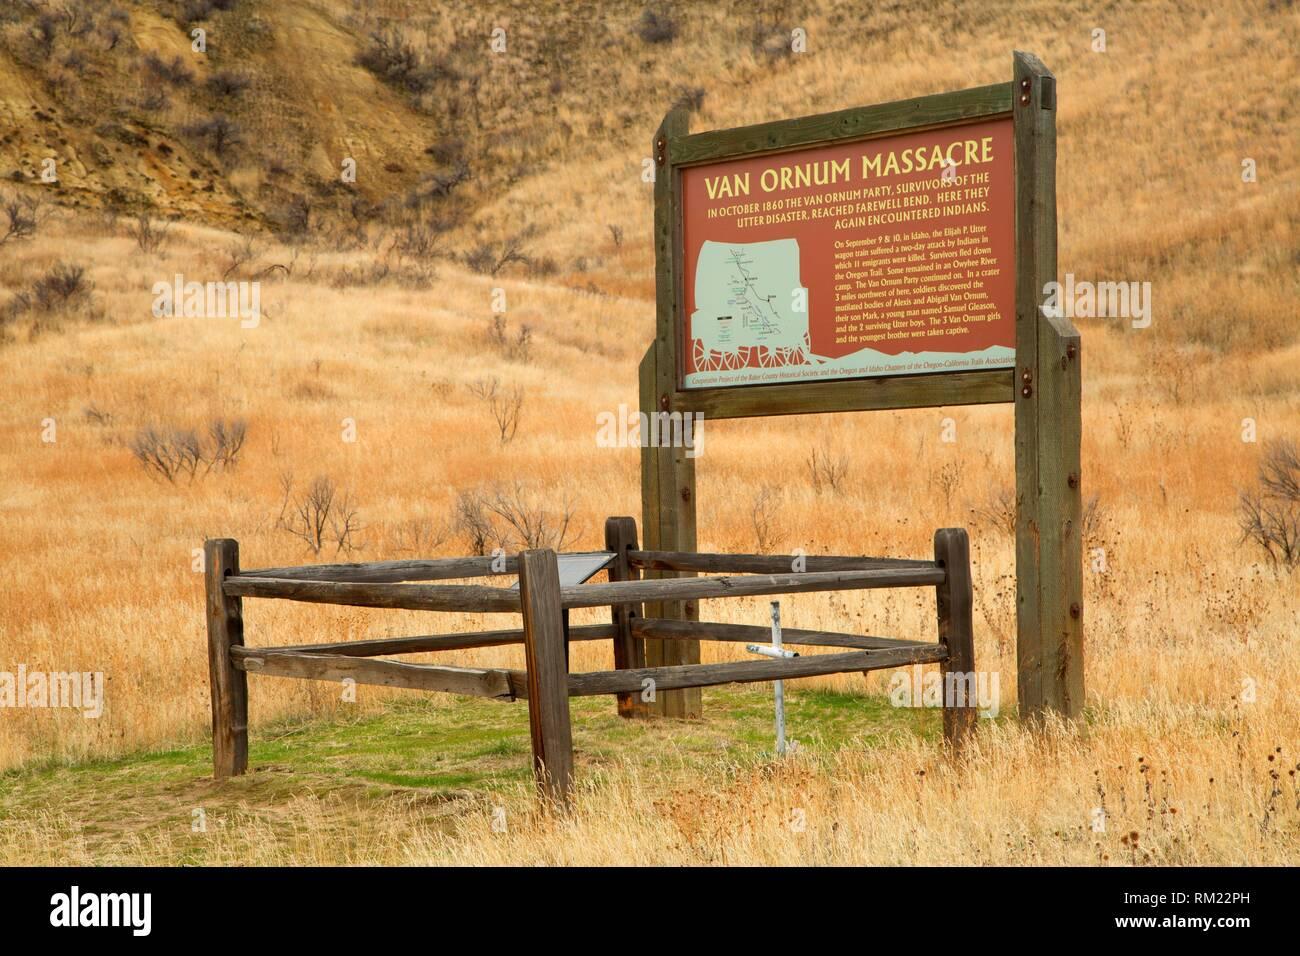 Van Ornum massacre site sign, Oregon Trail National Historic Trail, Vale District Bureau of Land Management, Oregon. - Stock Image